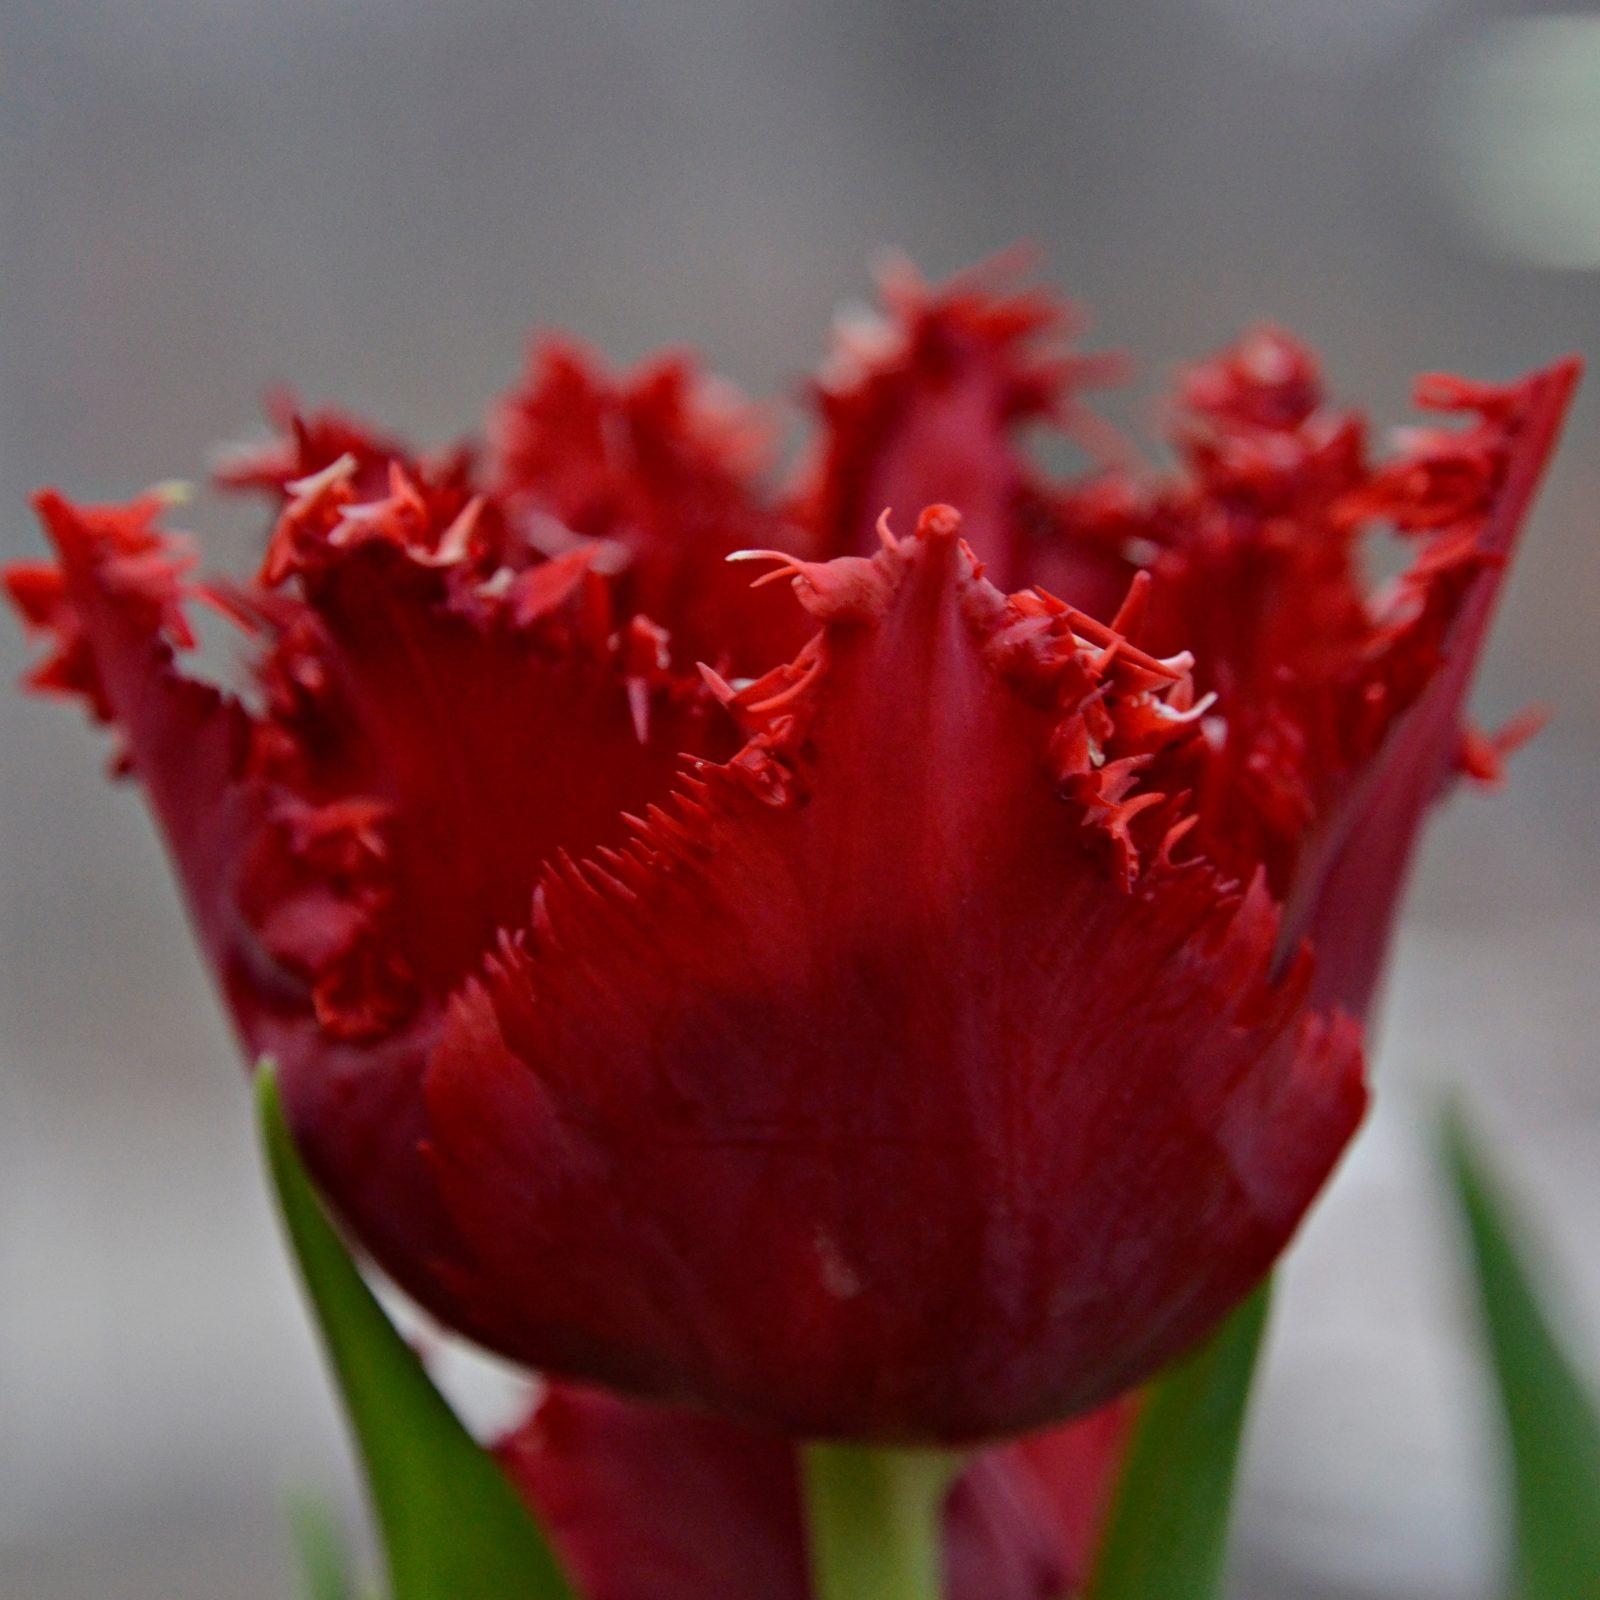 У некоторых тюльпанов по краям как будто маленькие «реснички».  Их называют бахромчатыми. Фото: Анна Быкова